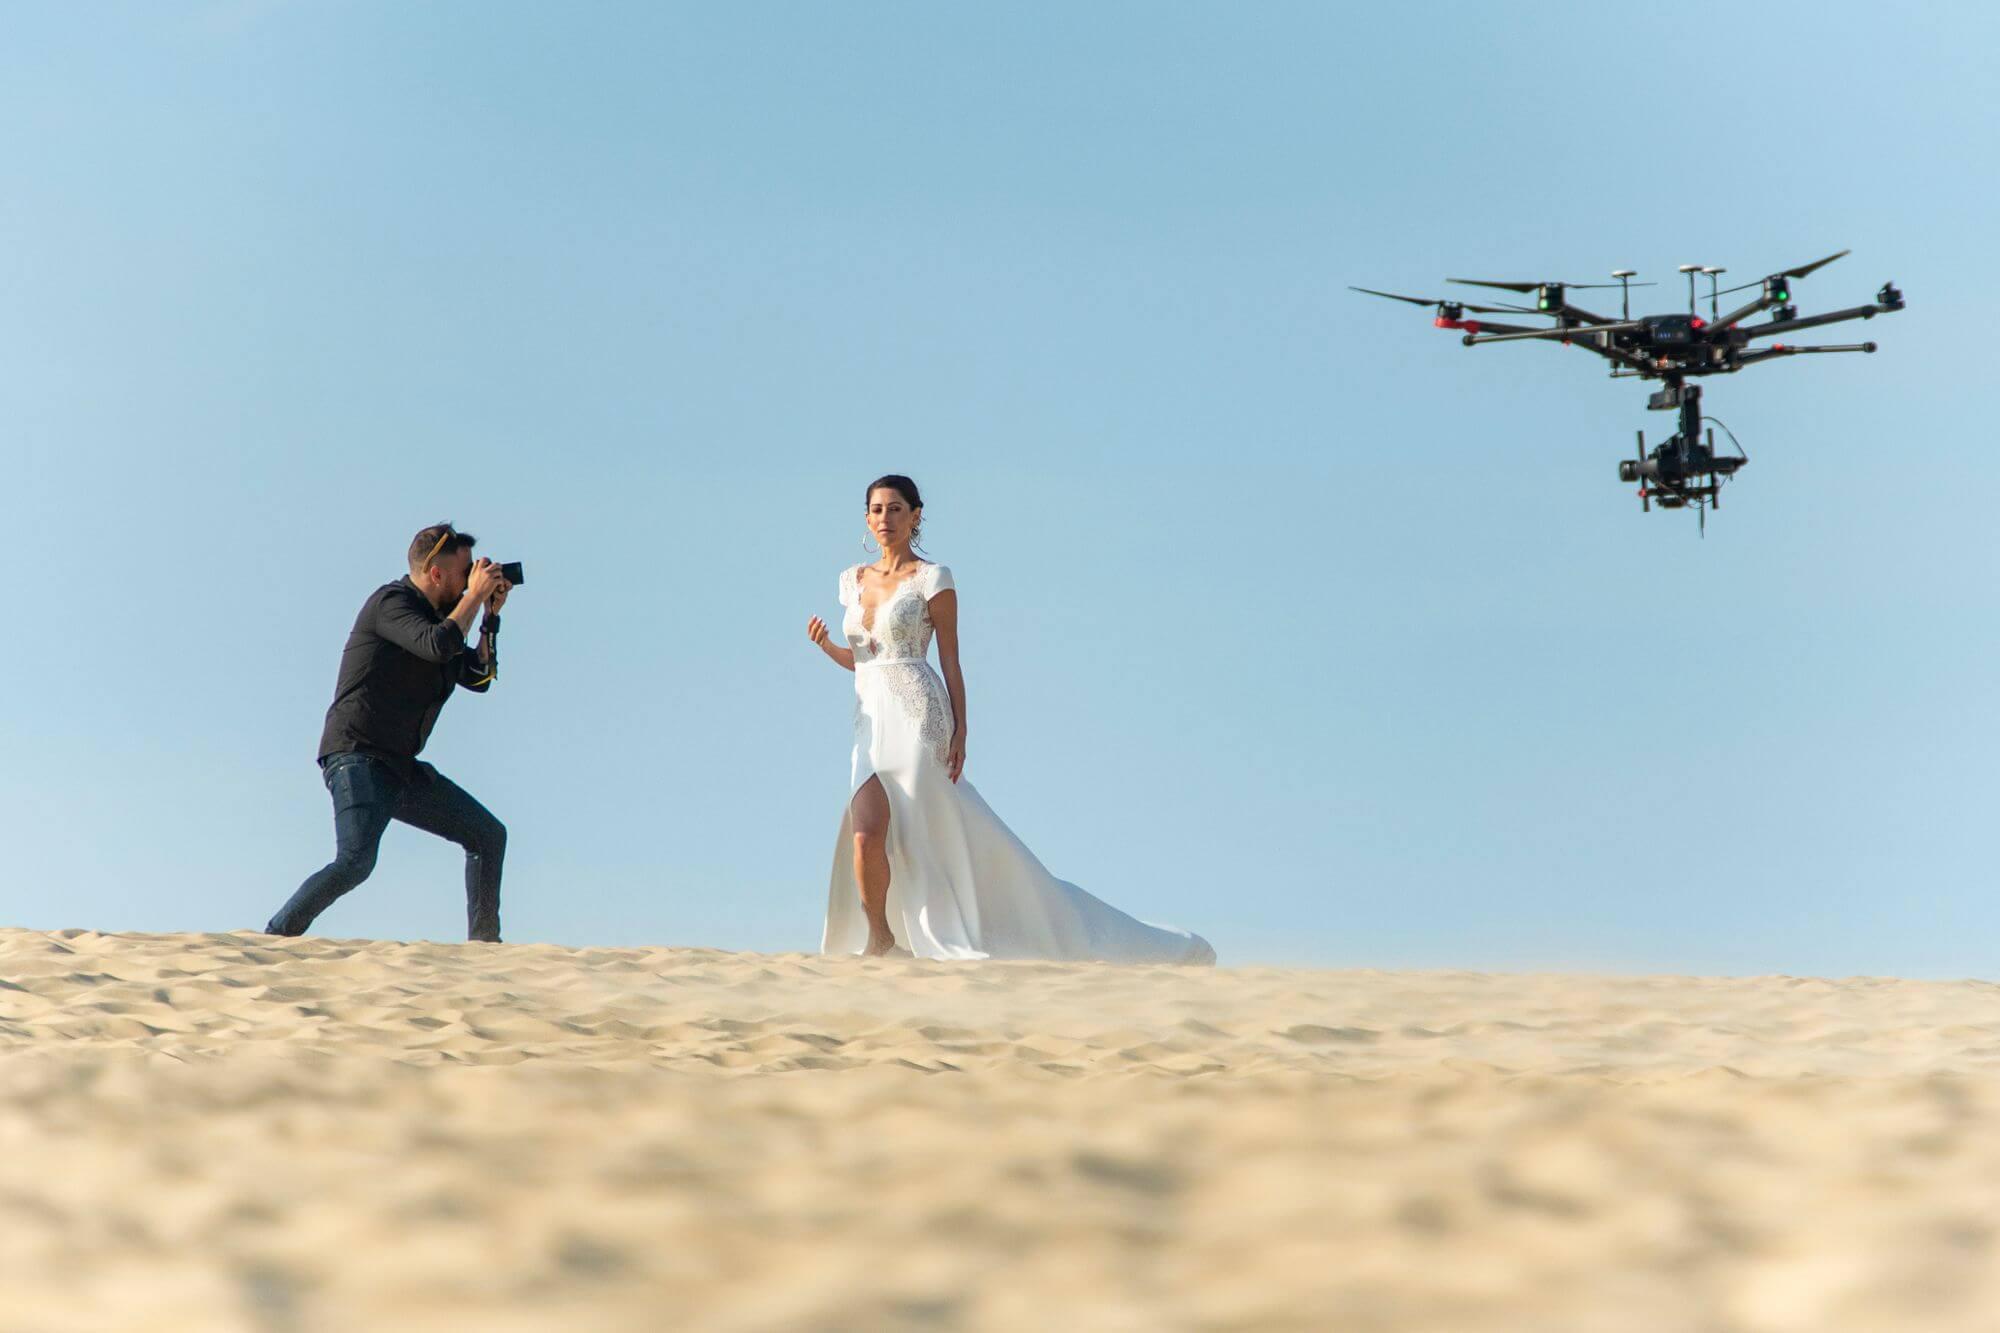 François Lamoureux při natáčení svatebního videa | Foto Jarno Schurgers